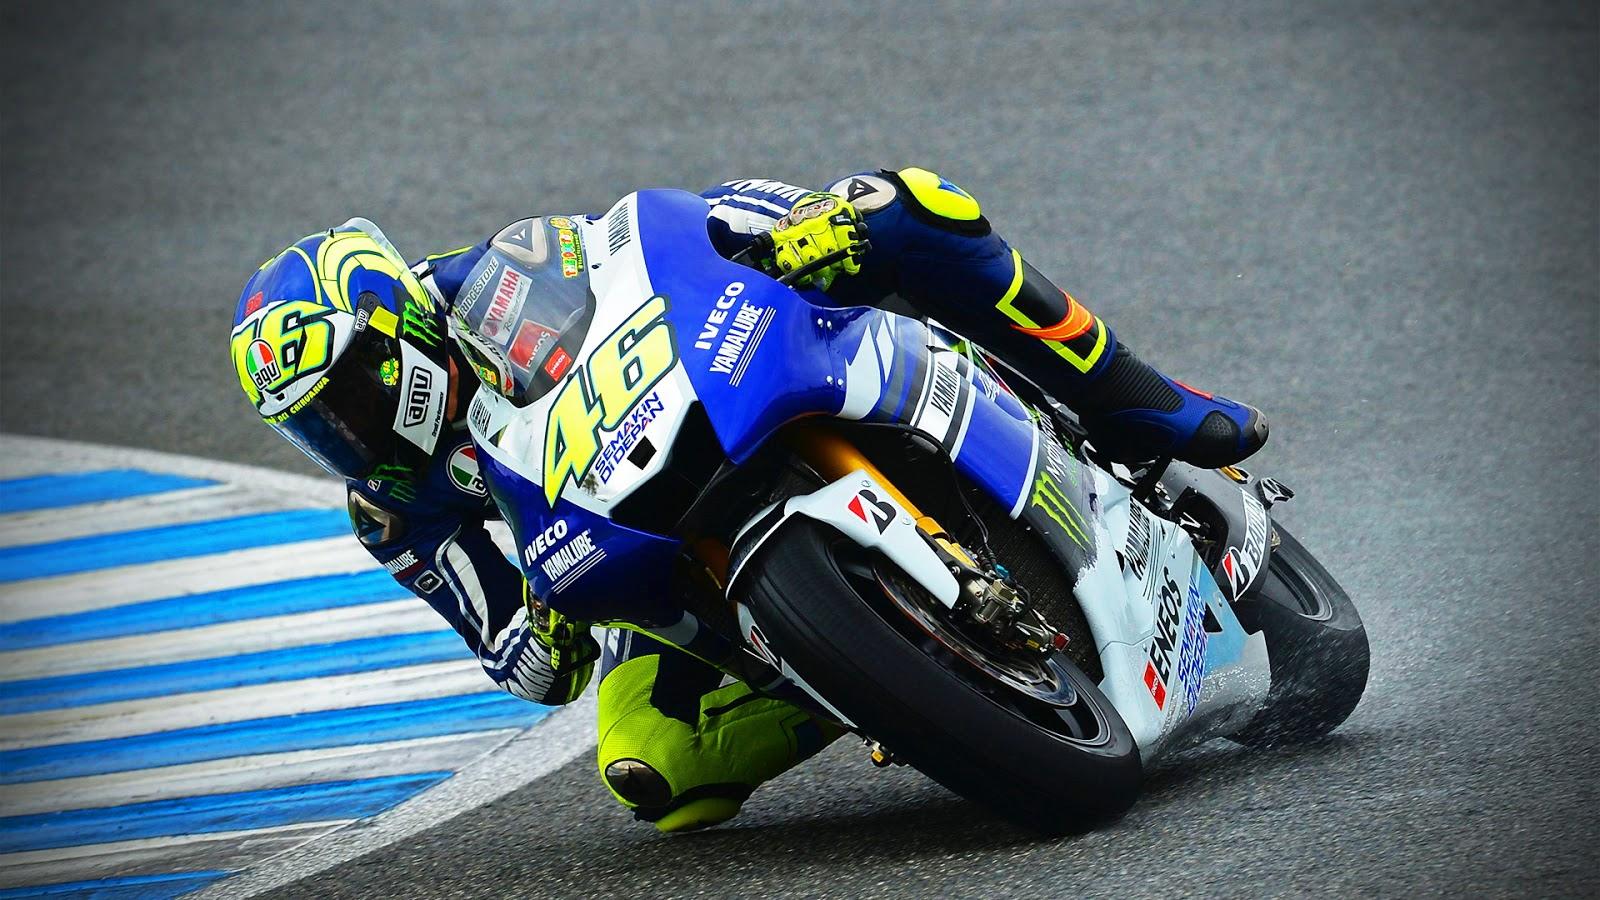 Kumpulan Gambar MotoGP Terbaru 2013 1600x900